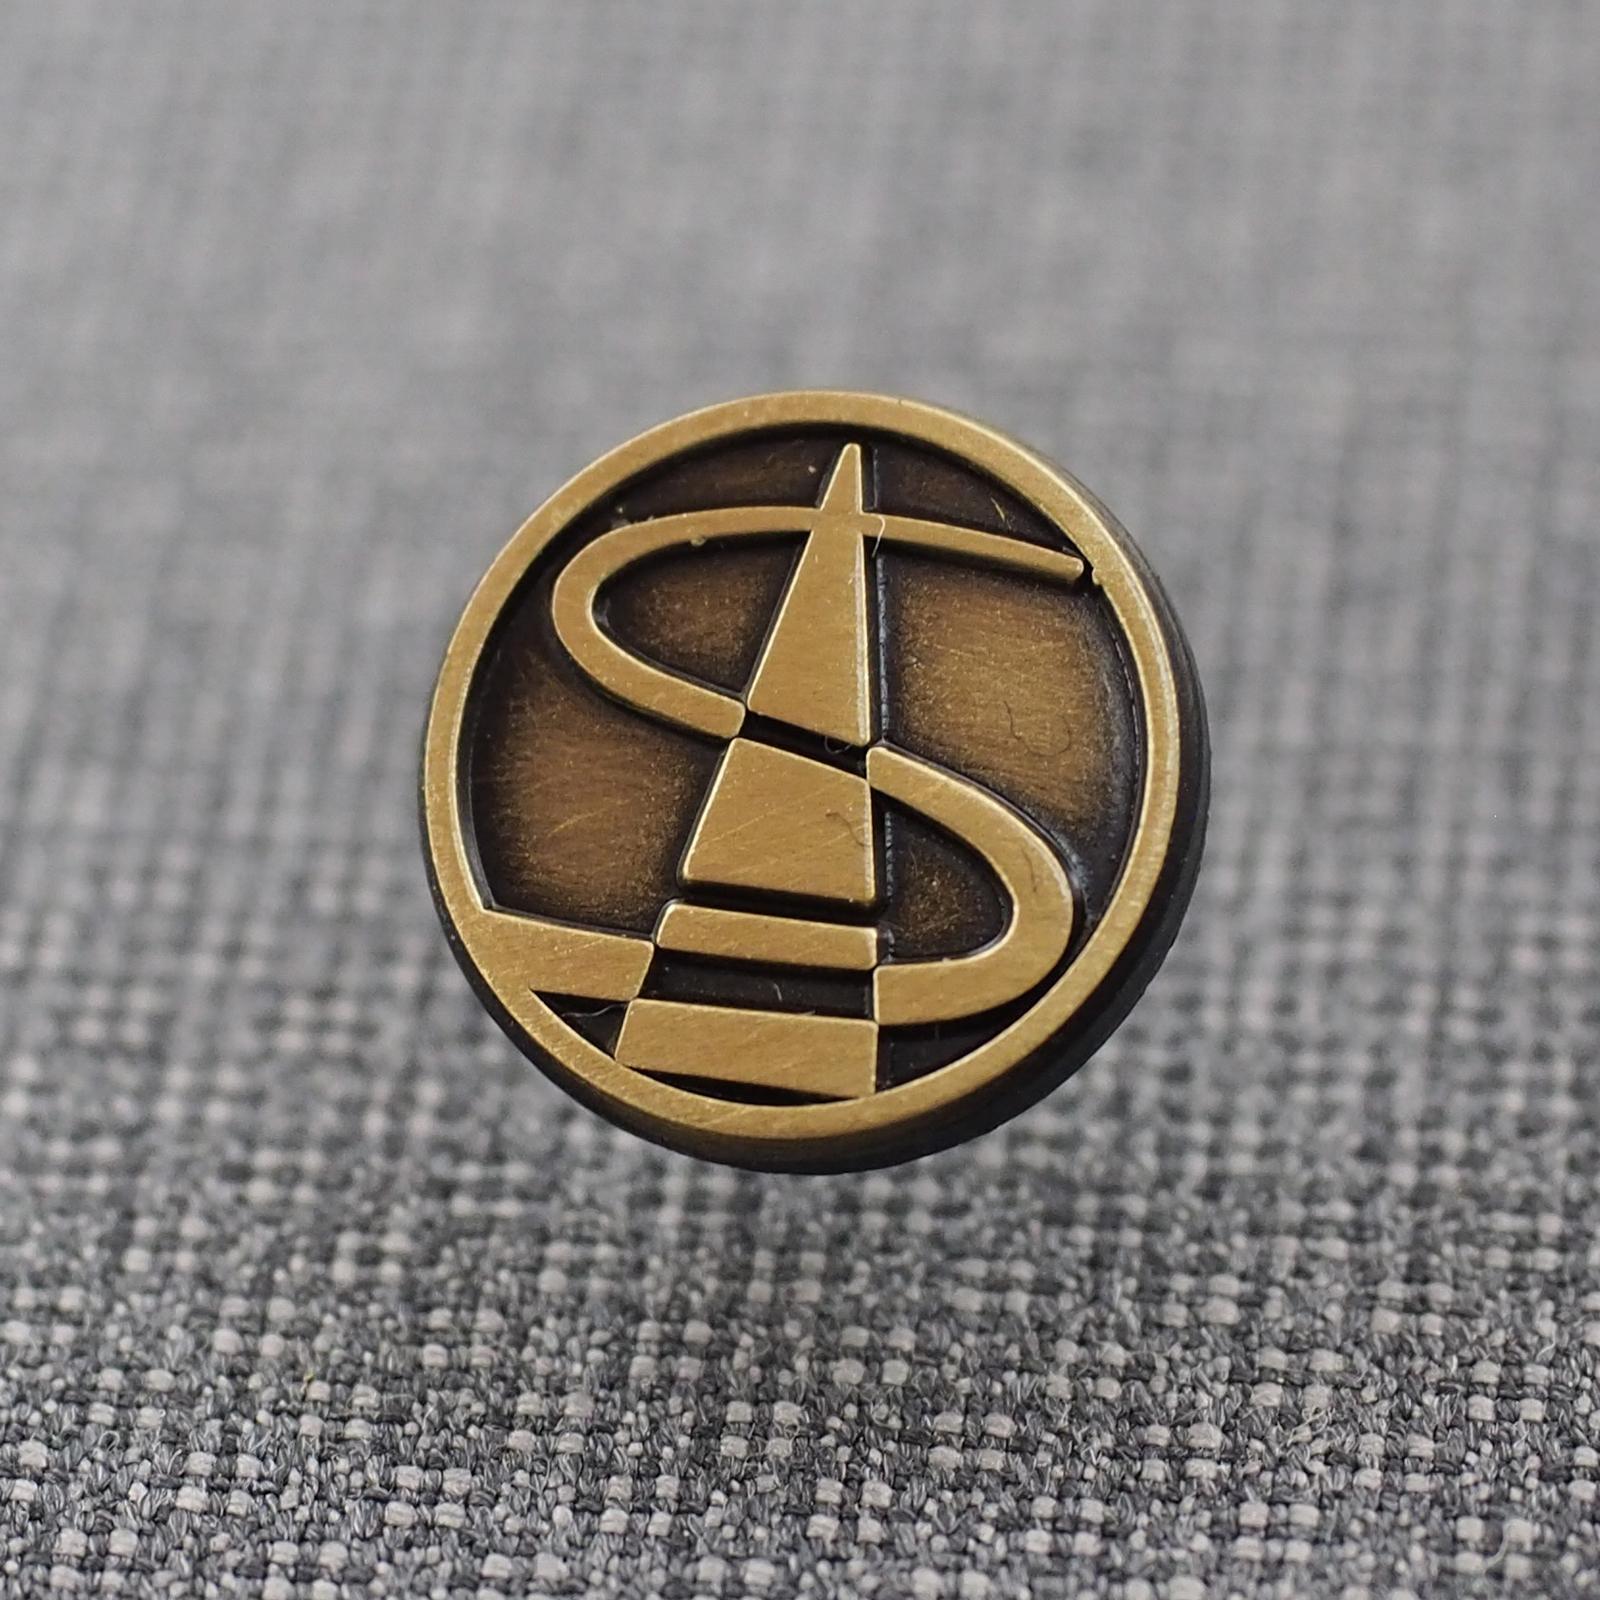 メンバー章 桐箱 高級バッジ 真鍮いぶし いぶしメッキ 丸デザインバッジ ピンバッジ サンプル画像 高画質